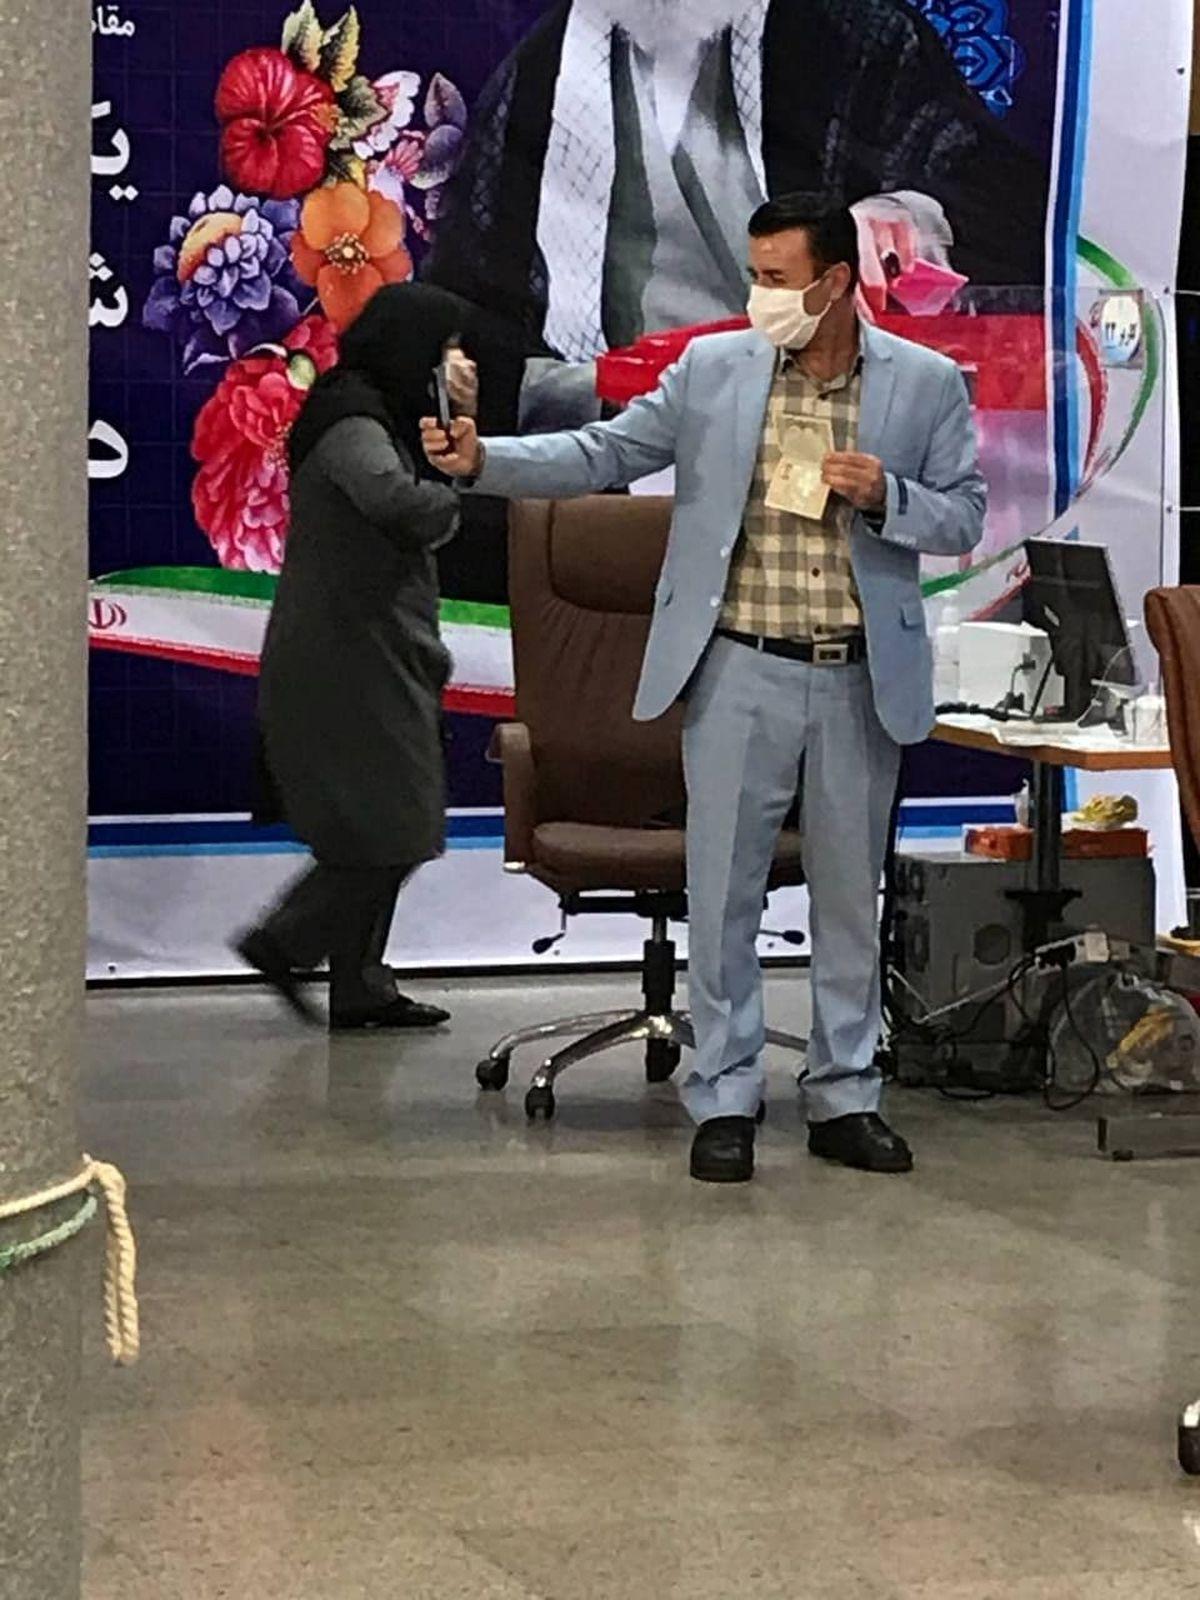 داوطلب ریاست جمهوری که از خودش سلفی گرفت! +عکس